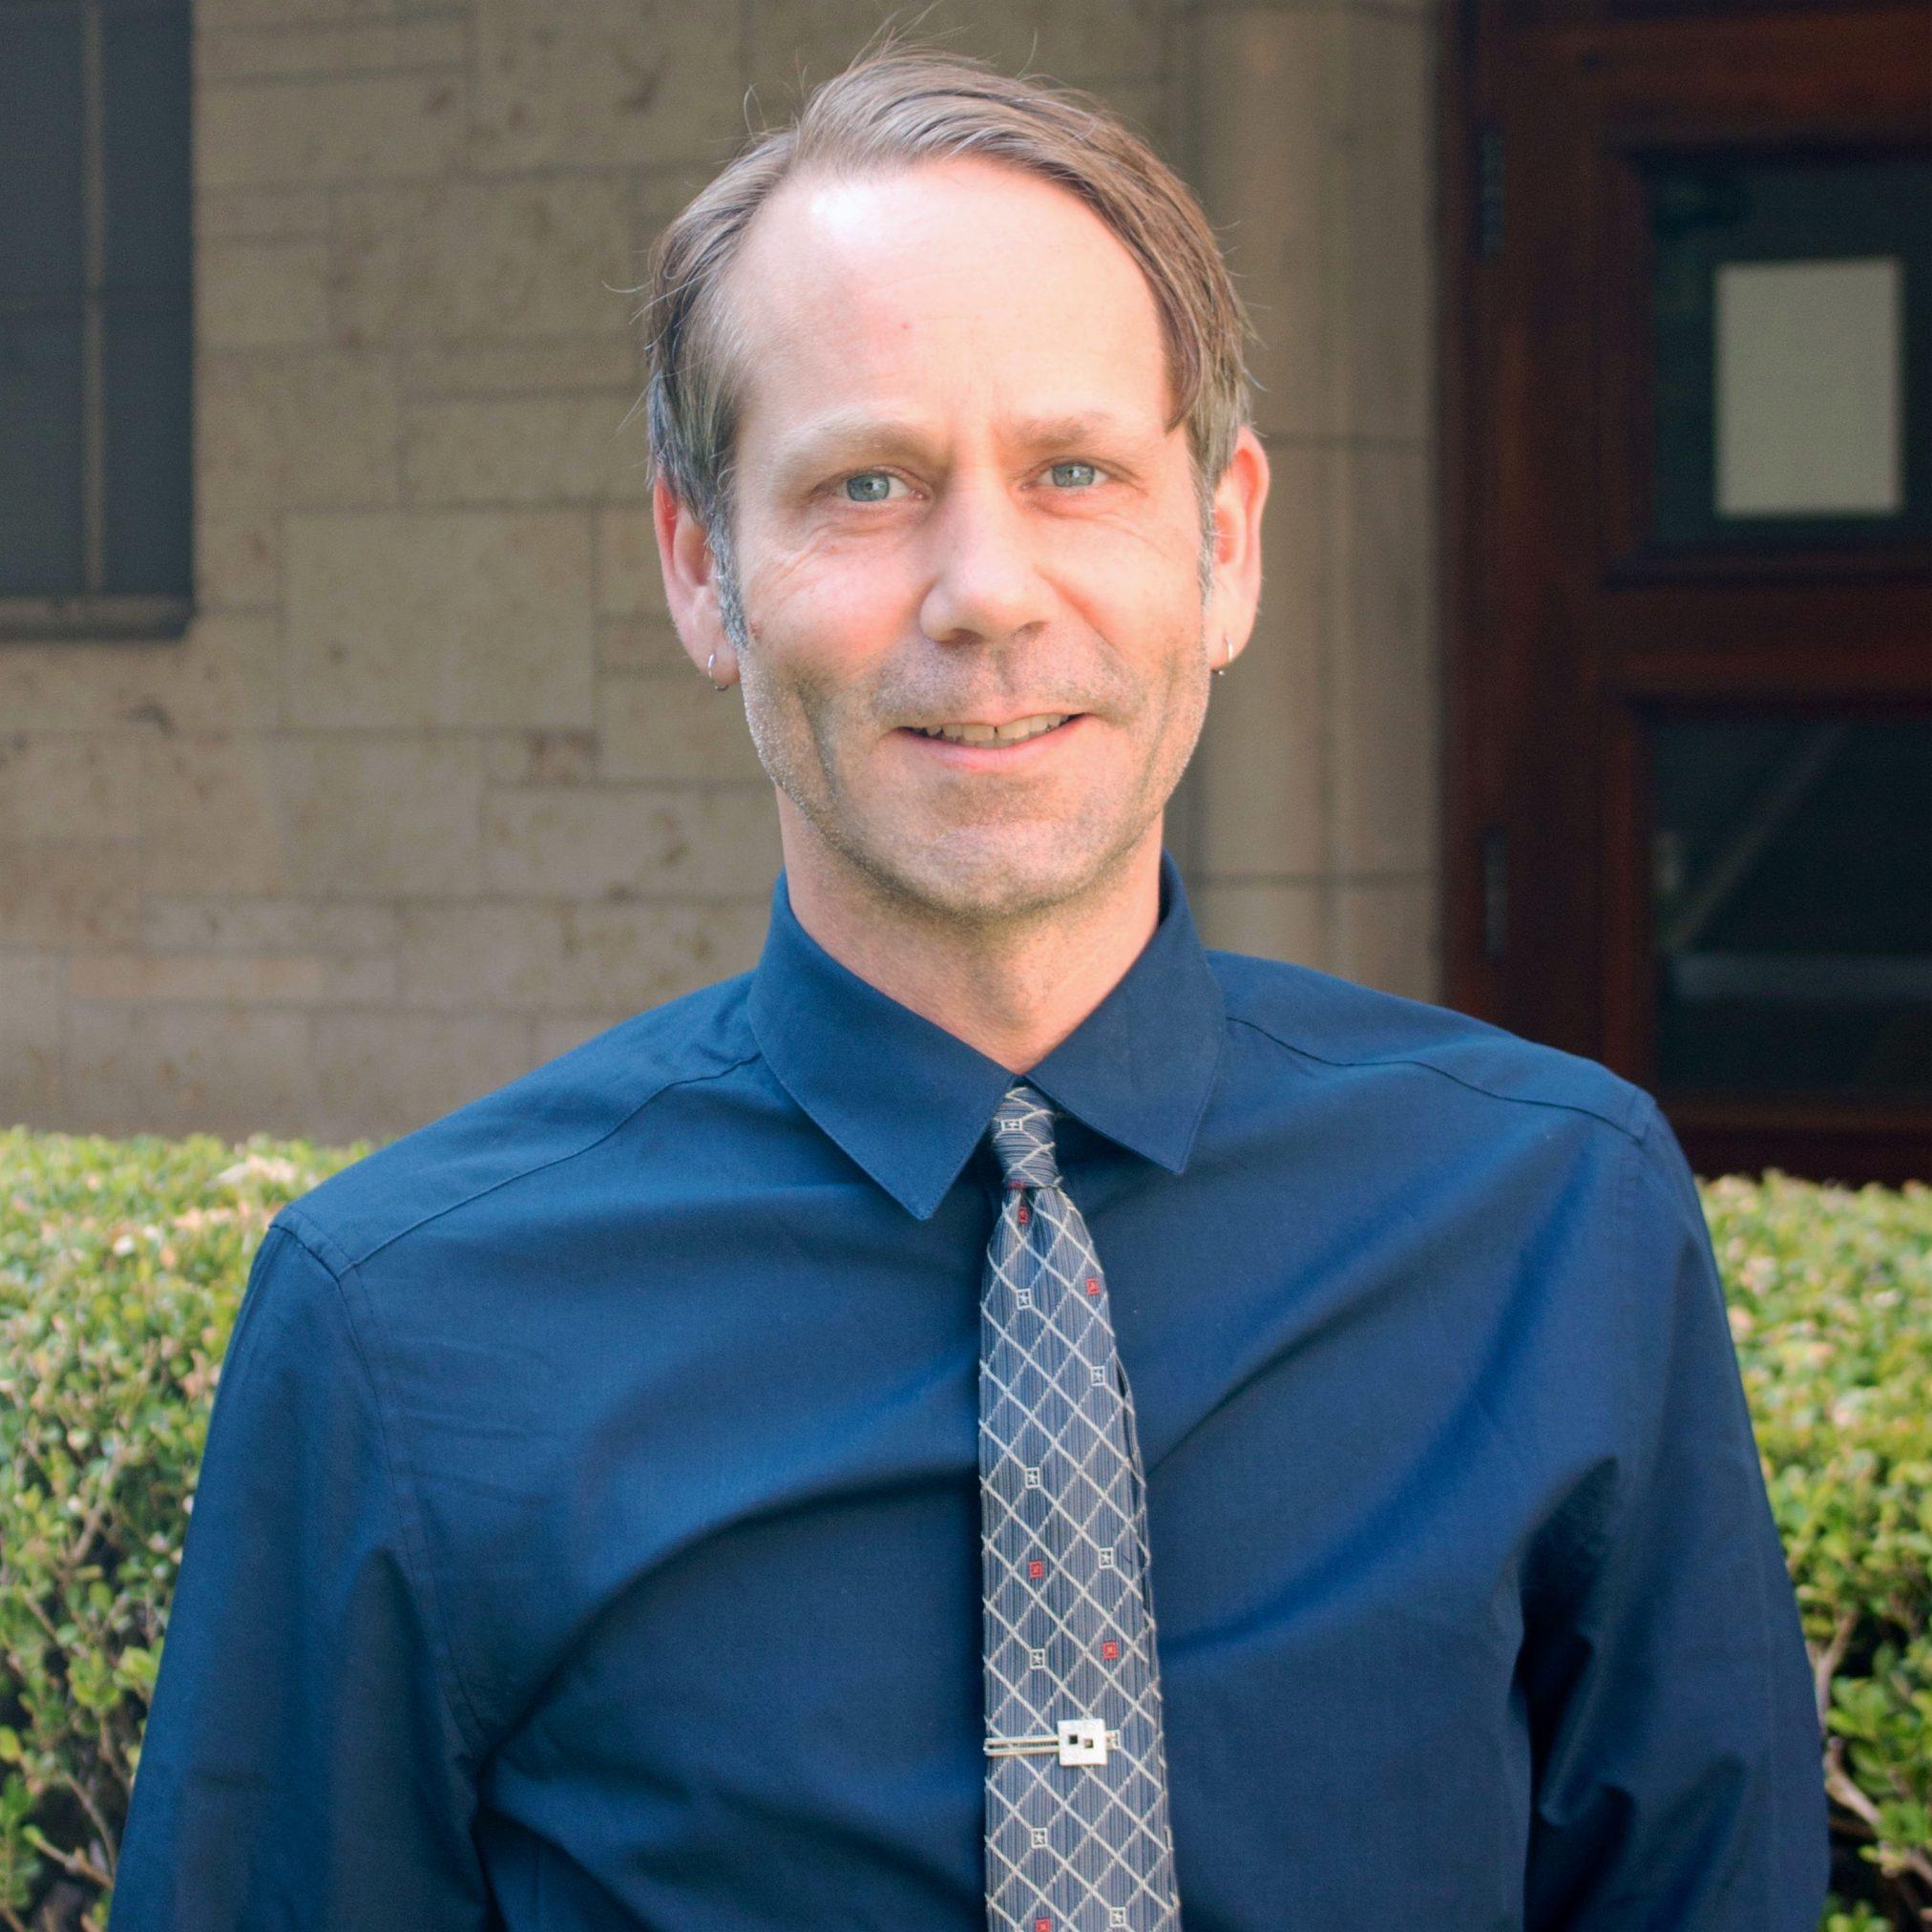 Headshot of Matt Breece